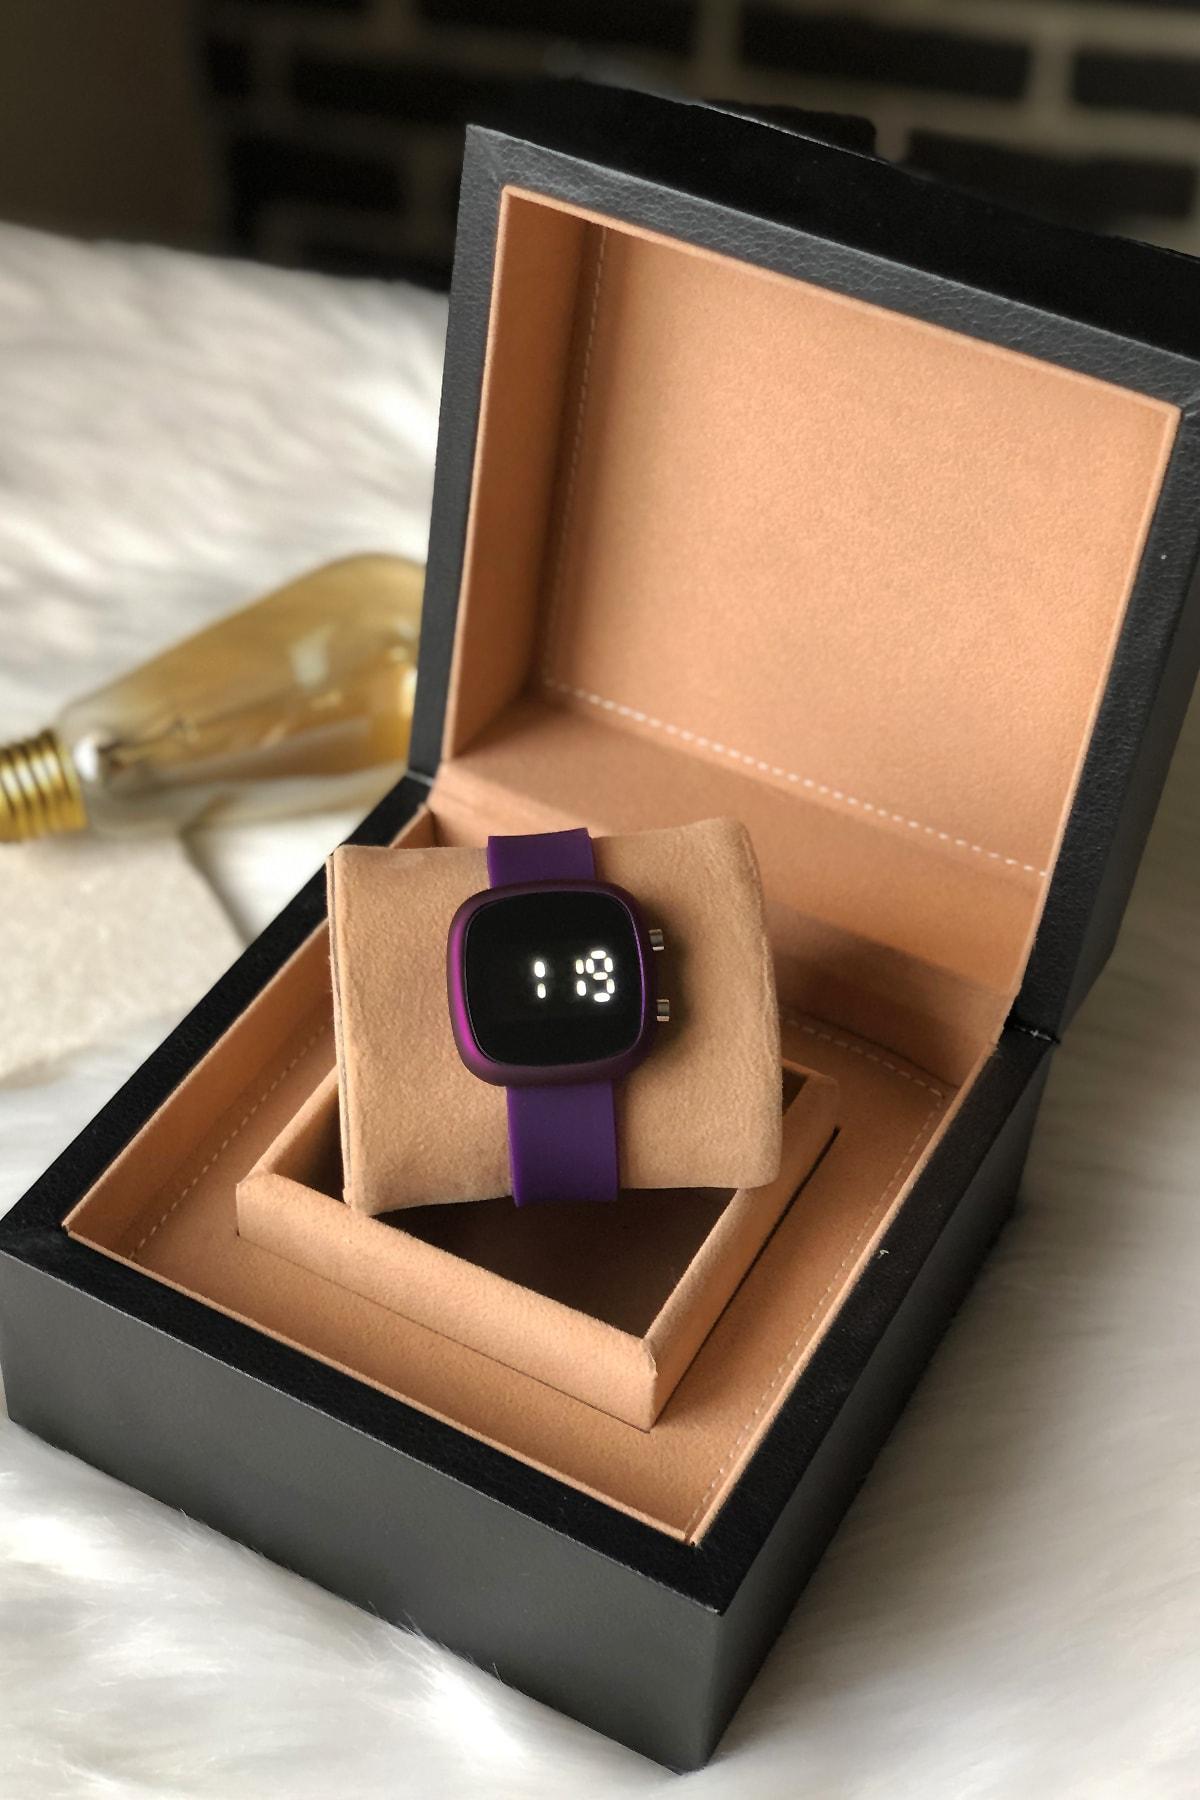 Ricardo Saat Kadın Mor Renk Silikon Kordon Dijital Kol Saati 2